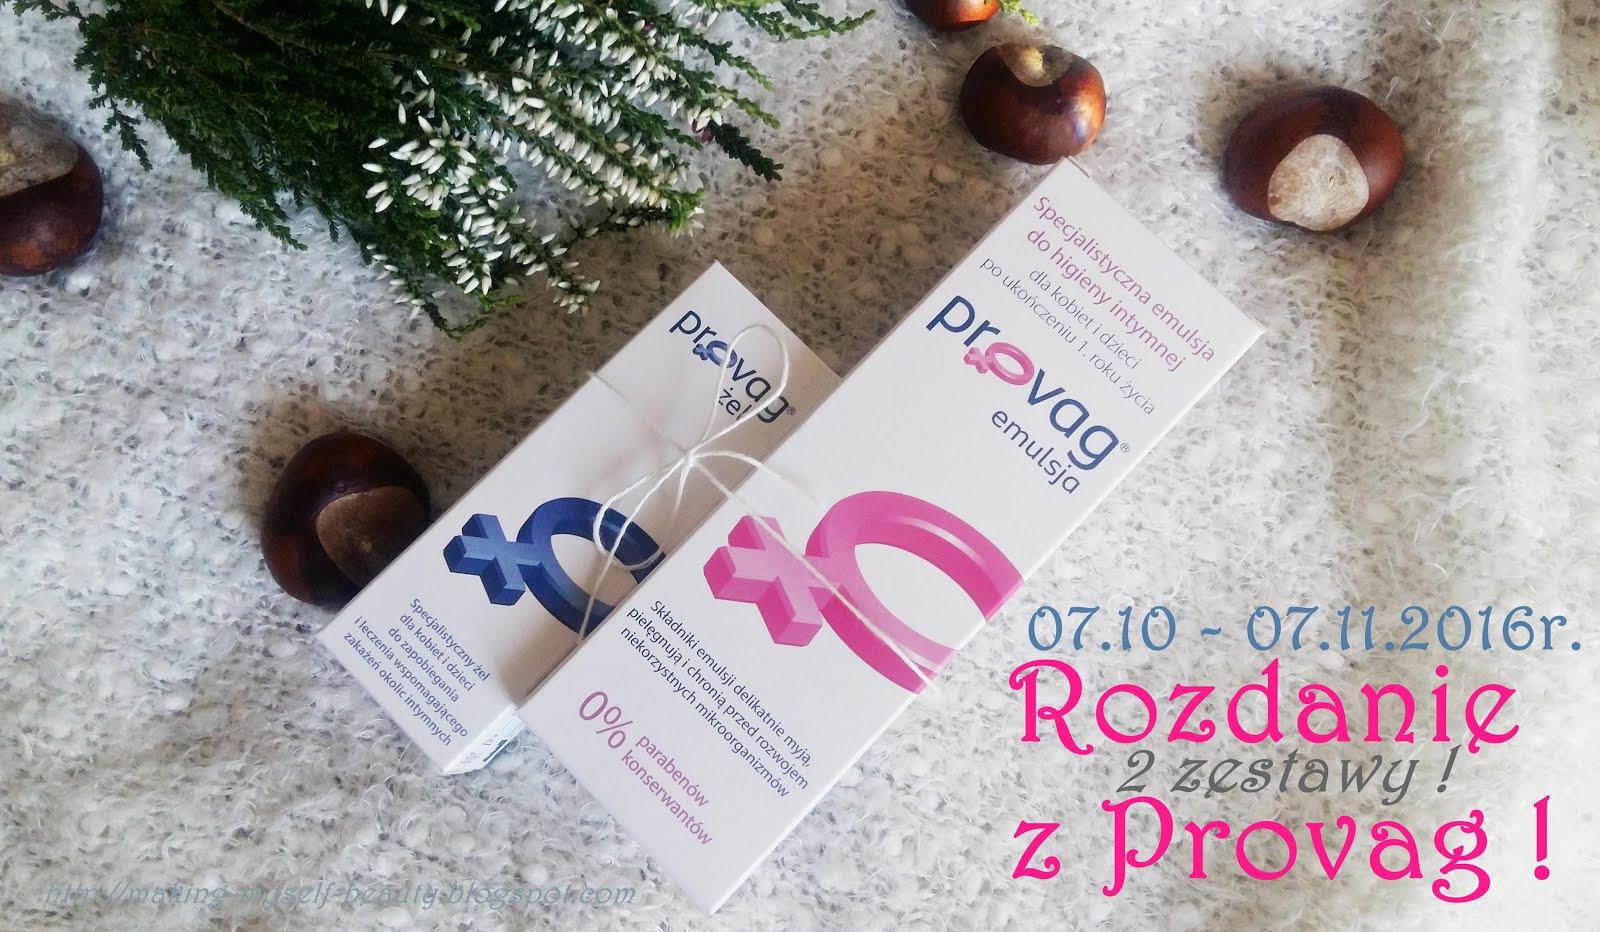 Rozdanie z marką Provag